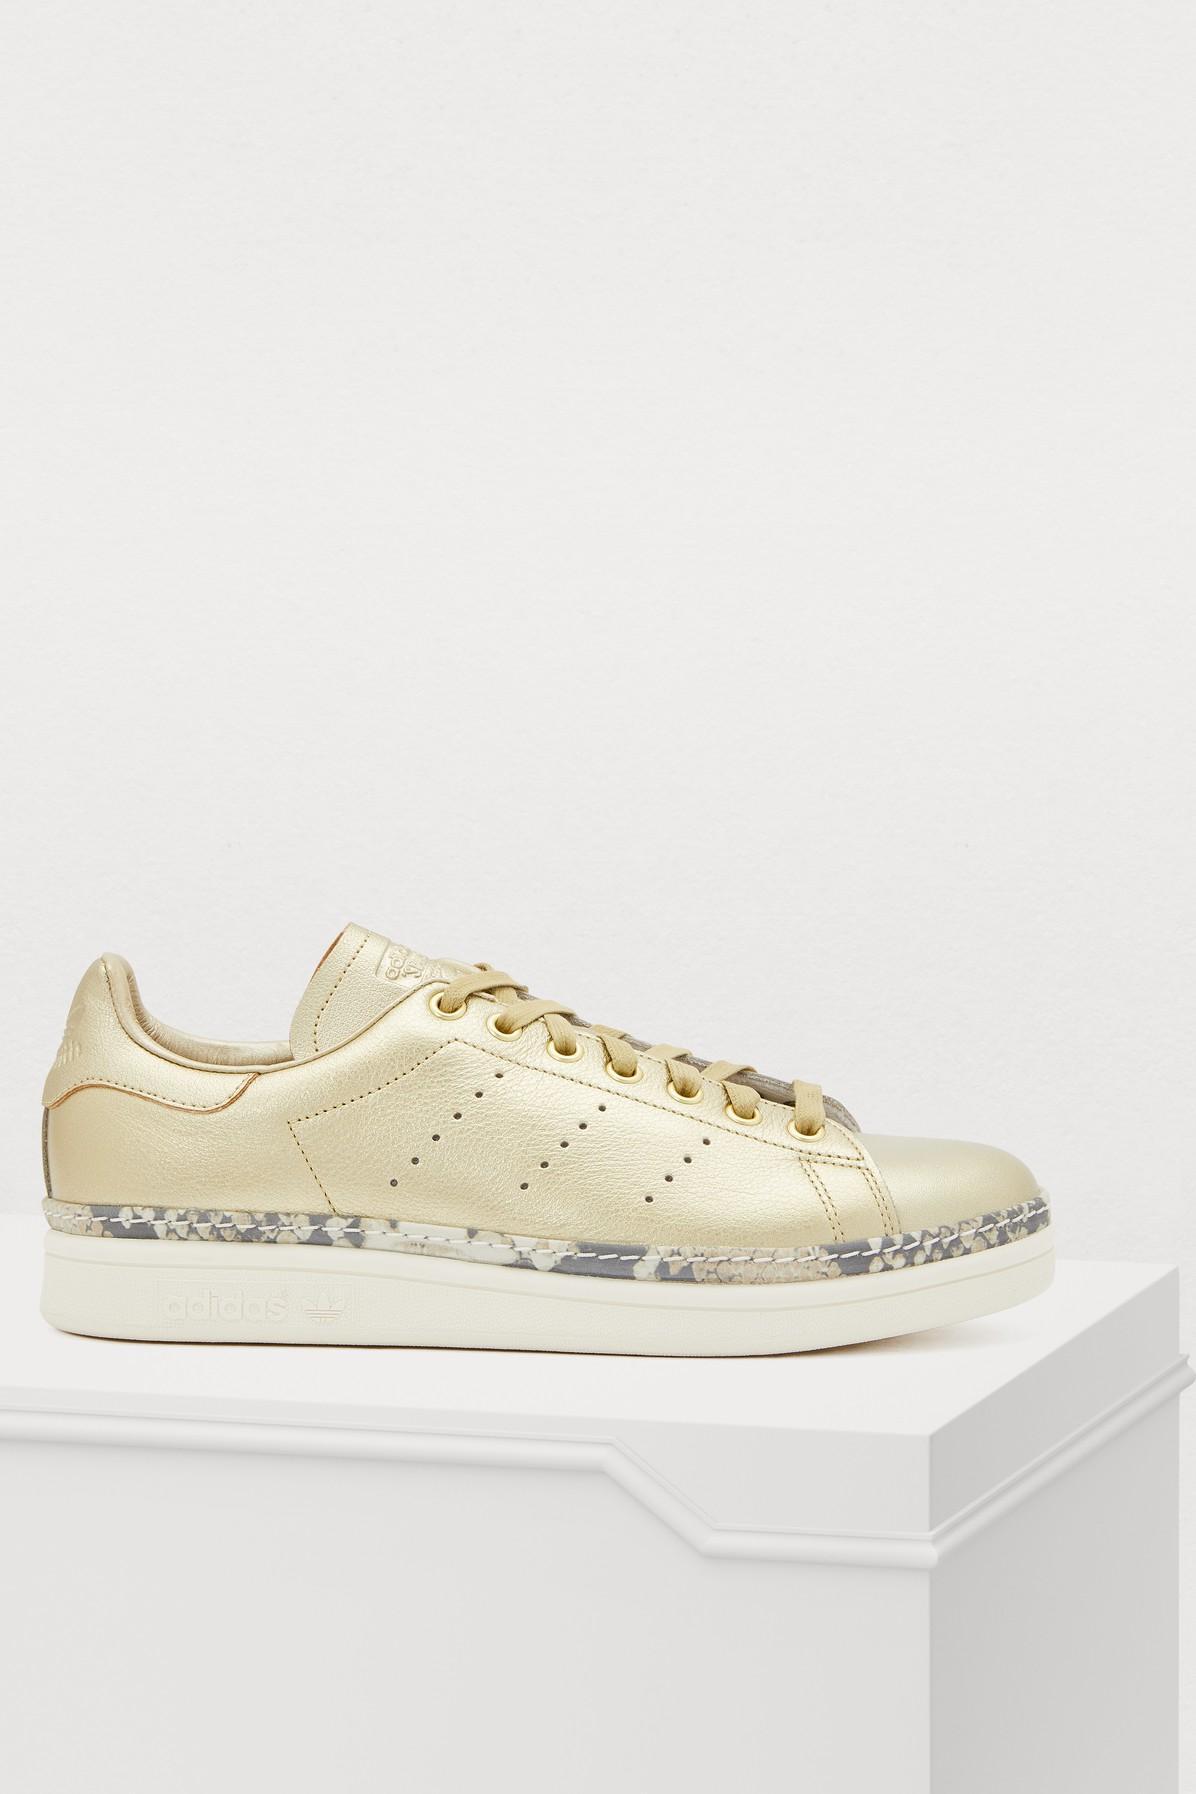 5c1b236e4b2 Lyst - adidas Stan Smith New Bold Sneakers in Metallic